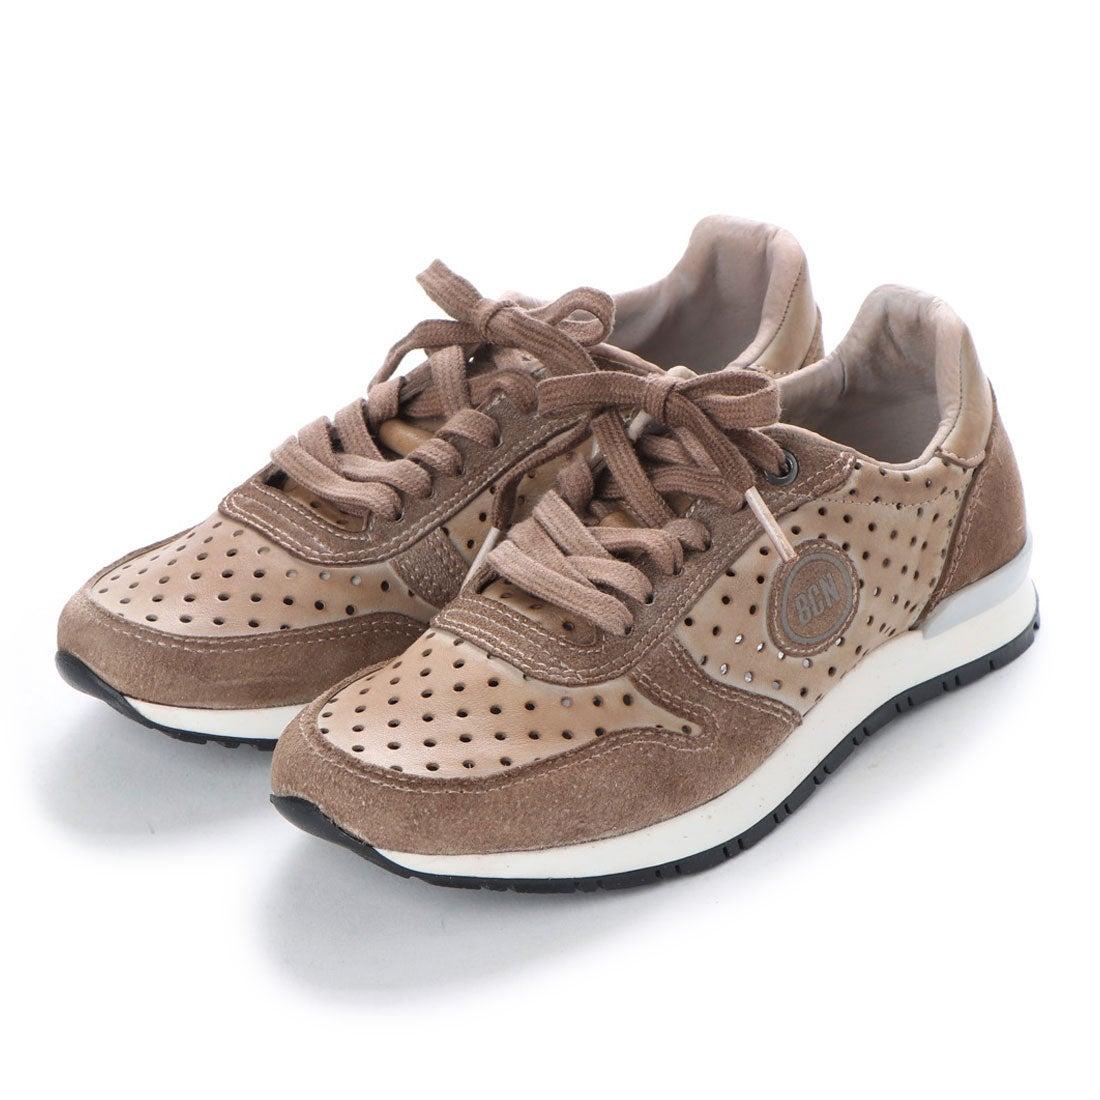 ヨーロッパコンフォートシューズ EU Comfort Shoes BCN スニーカー(C-950 SRA) (ブラウン)